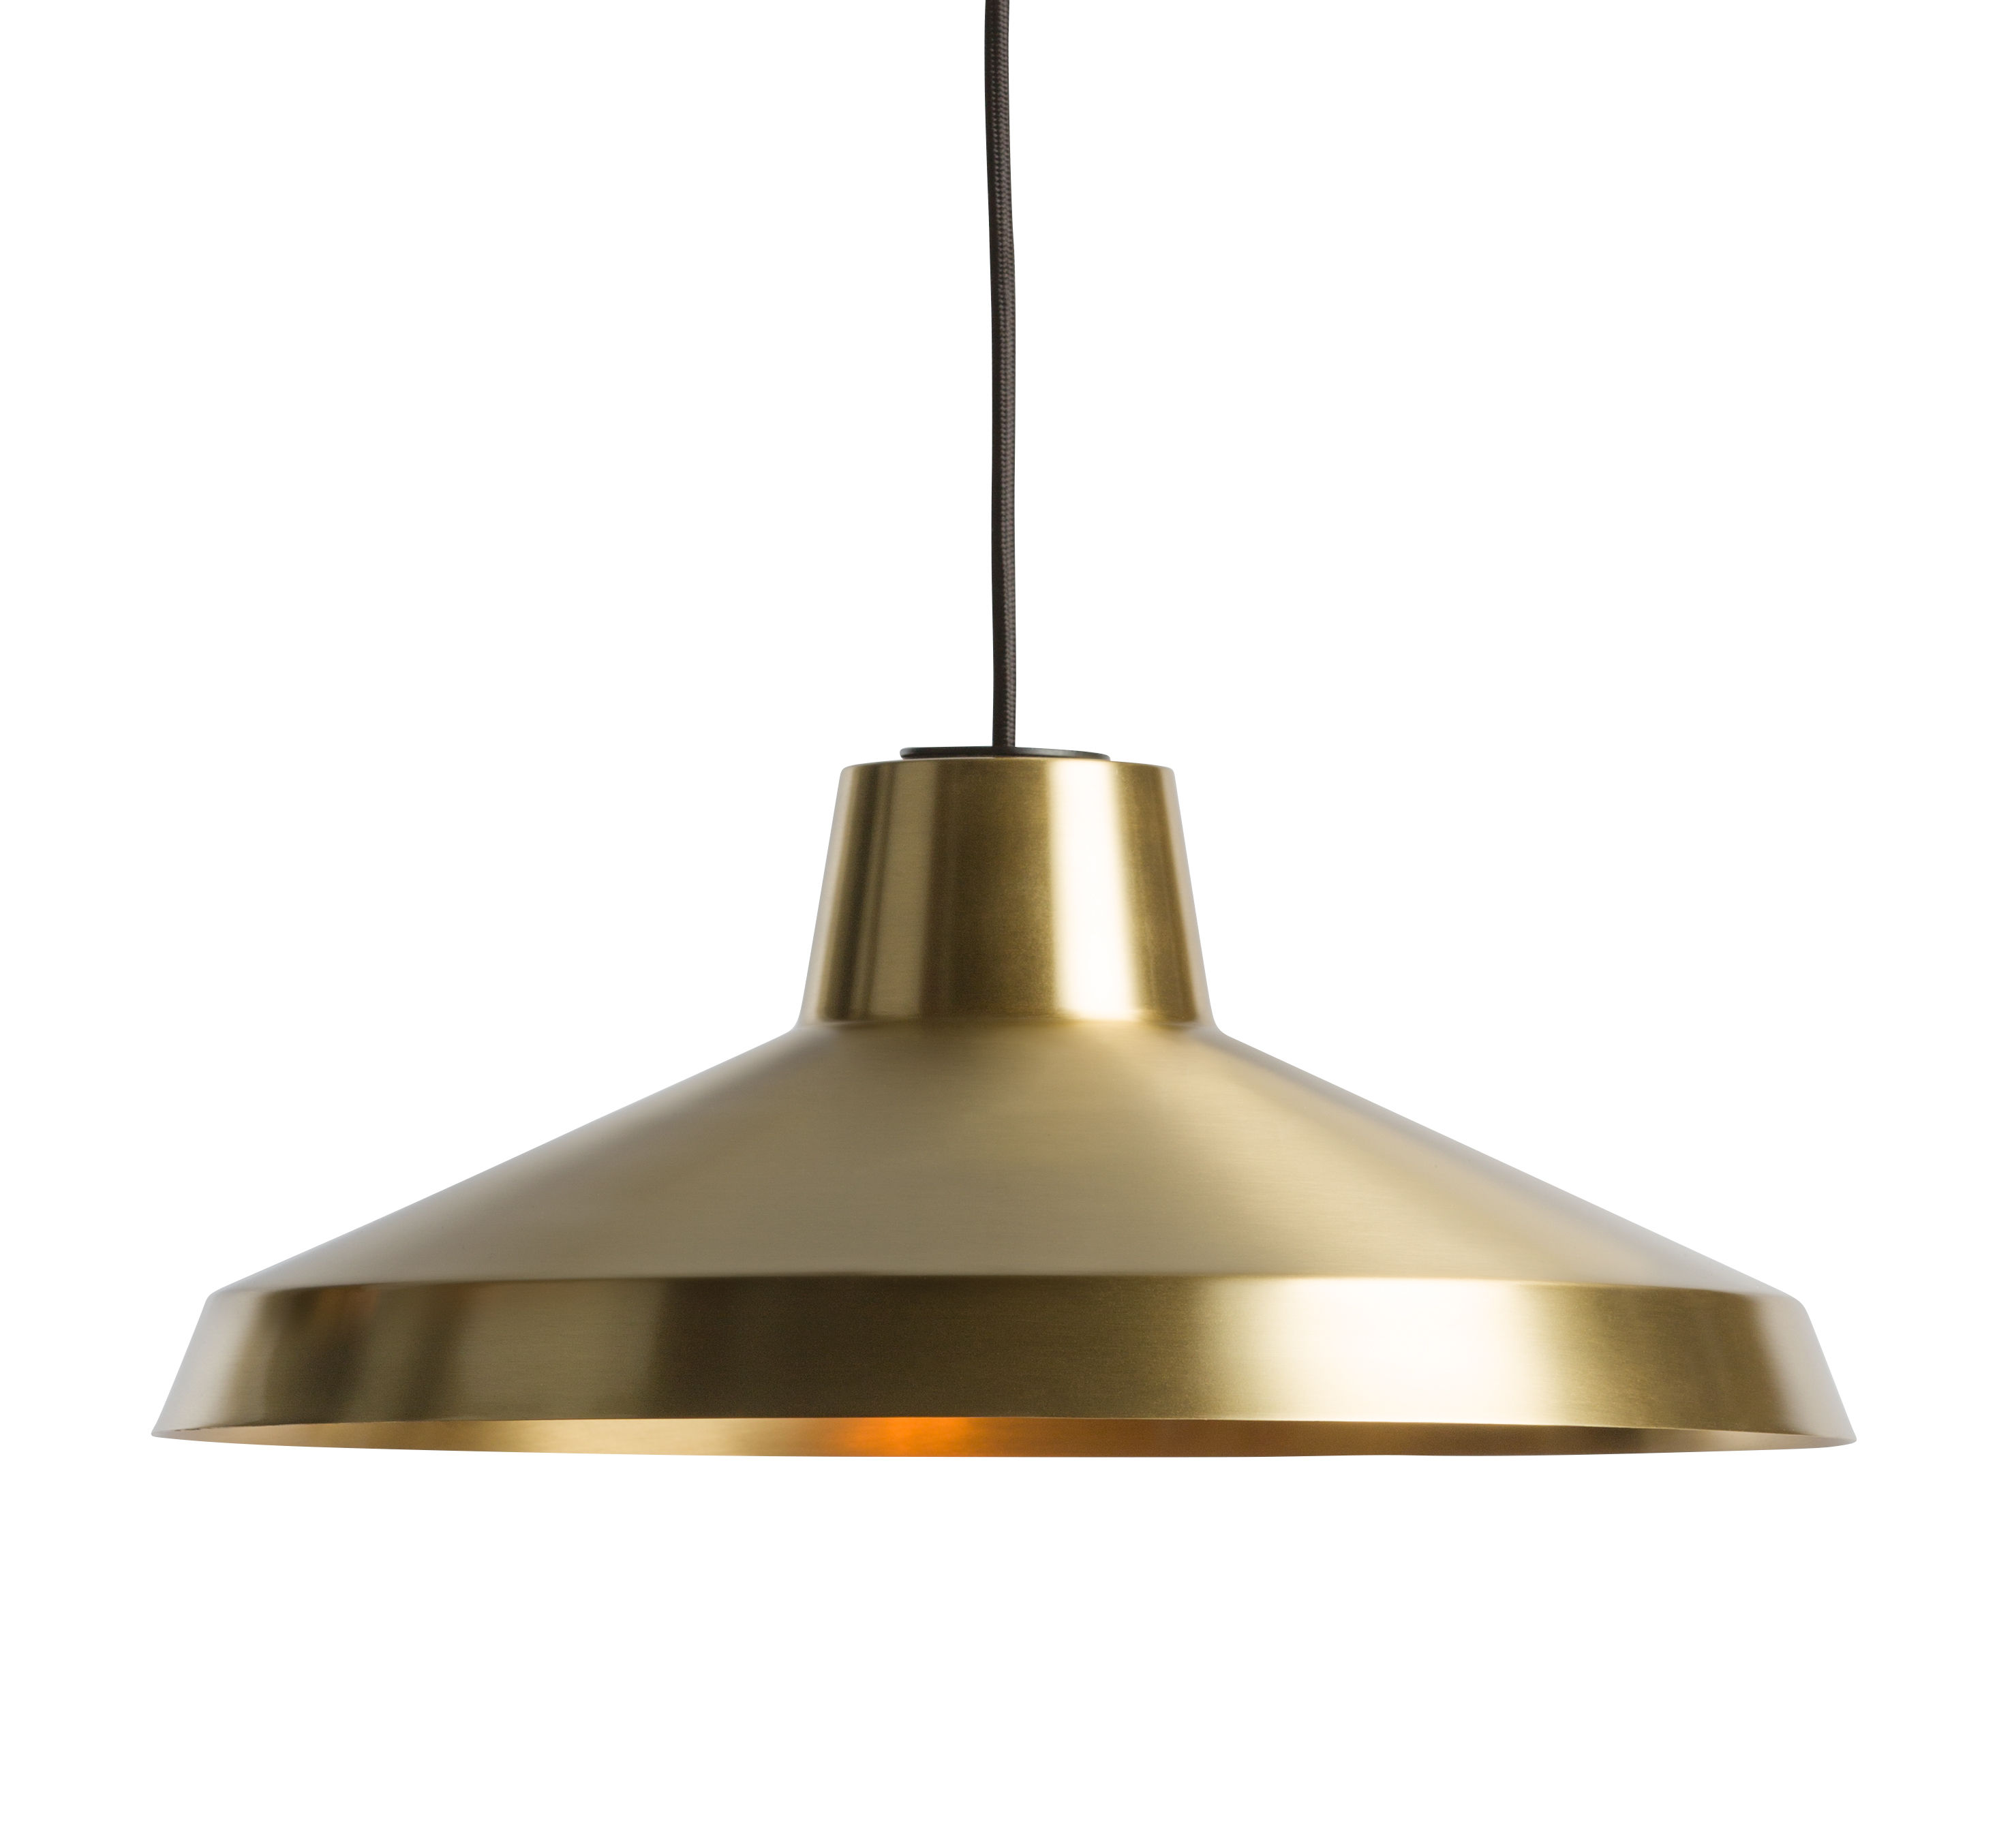 Illuminazione - Lampadari - Sospensione Evergreen Large / Ø 40 cm - Ottone - Northern Lighting - Ottone spazzolato - Ottone spazzolato